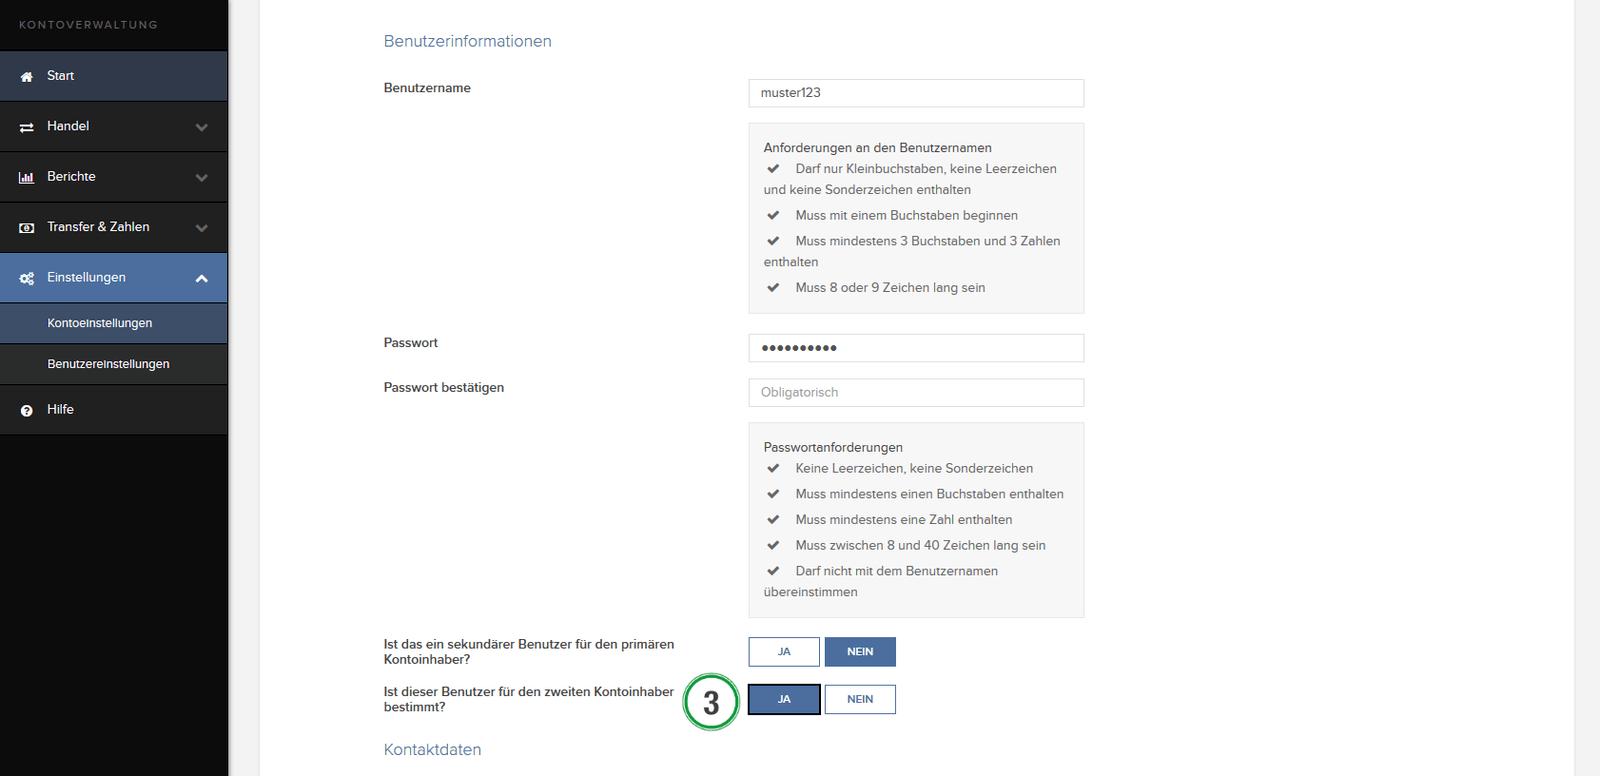 LYNX-Online-Handbuch-Kontoverwaltung-zweiter-zugang-gemeinschaftsdepot-3